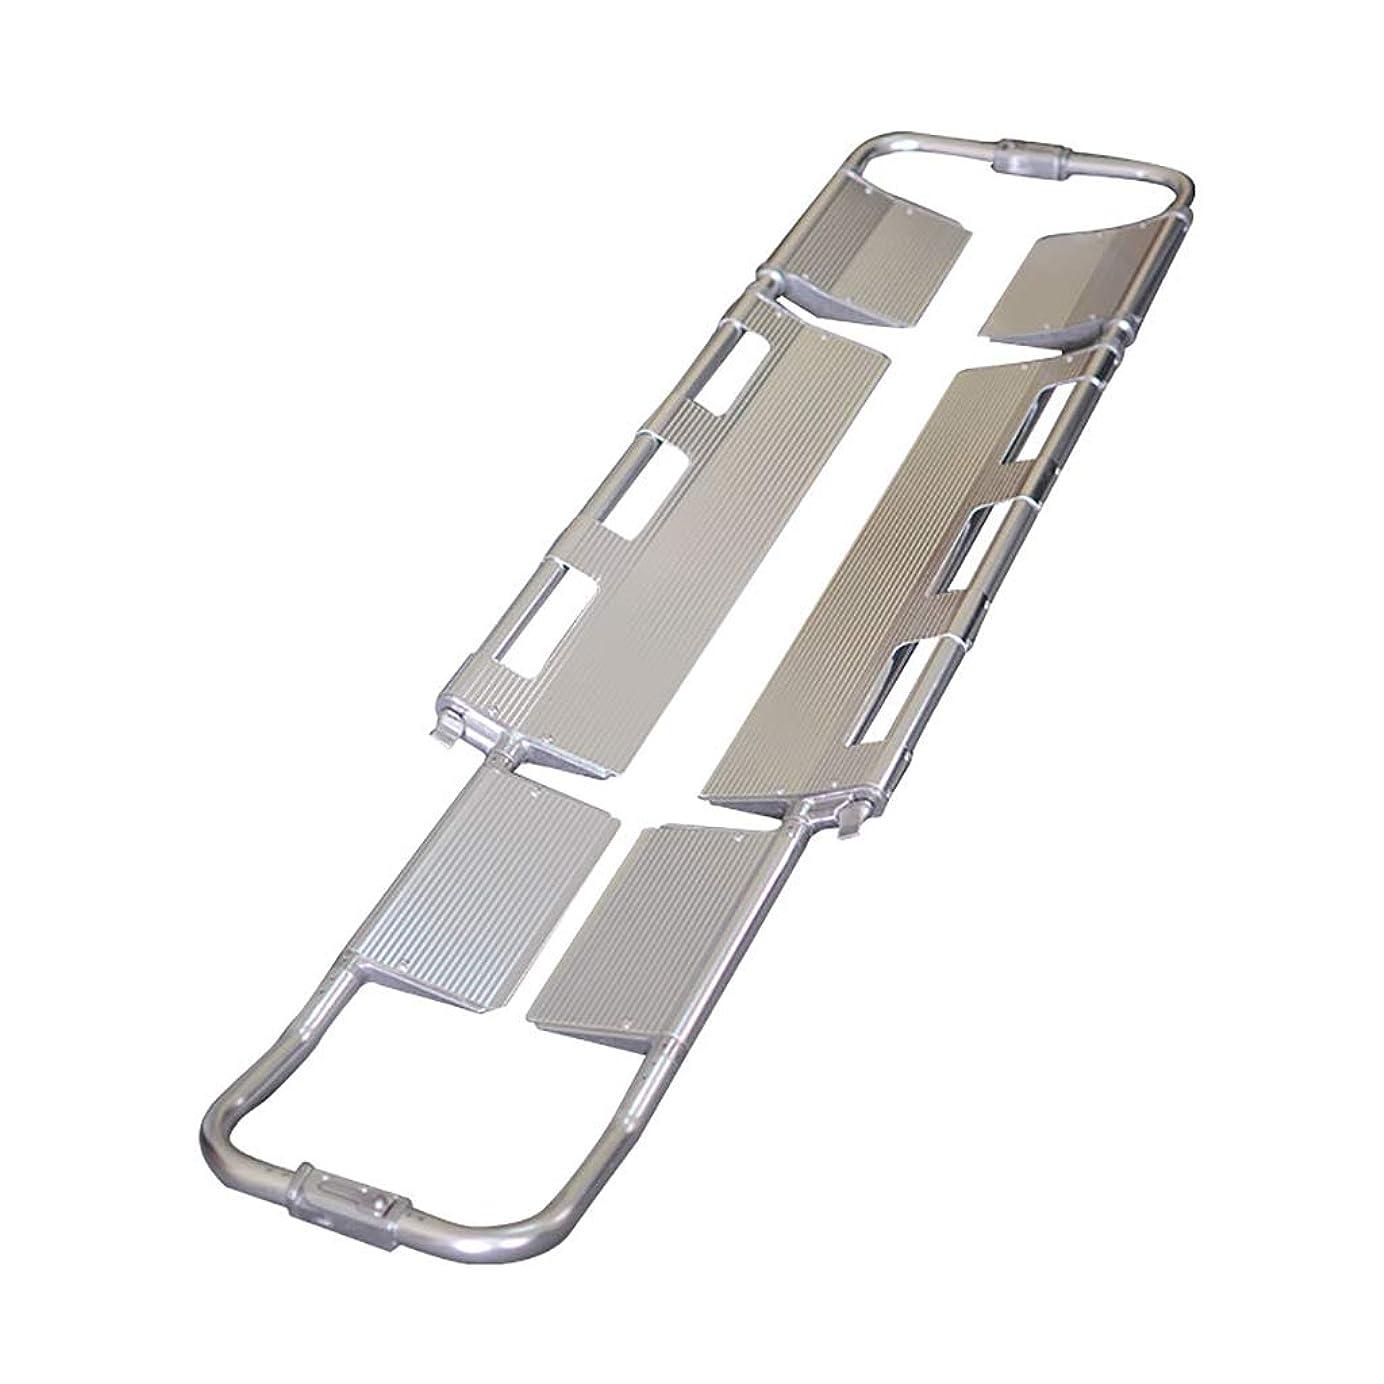 スリップシューズファイター禁止医療用緊急ストレッチャー、アルミニウム合金伸縮式脊椎ボードストレッチャー固定キット軽量スクープタイプの患者移送